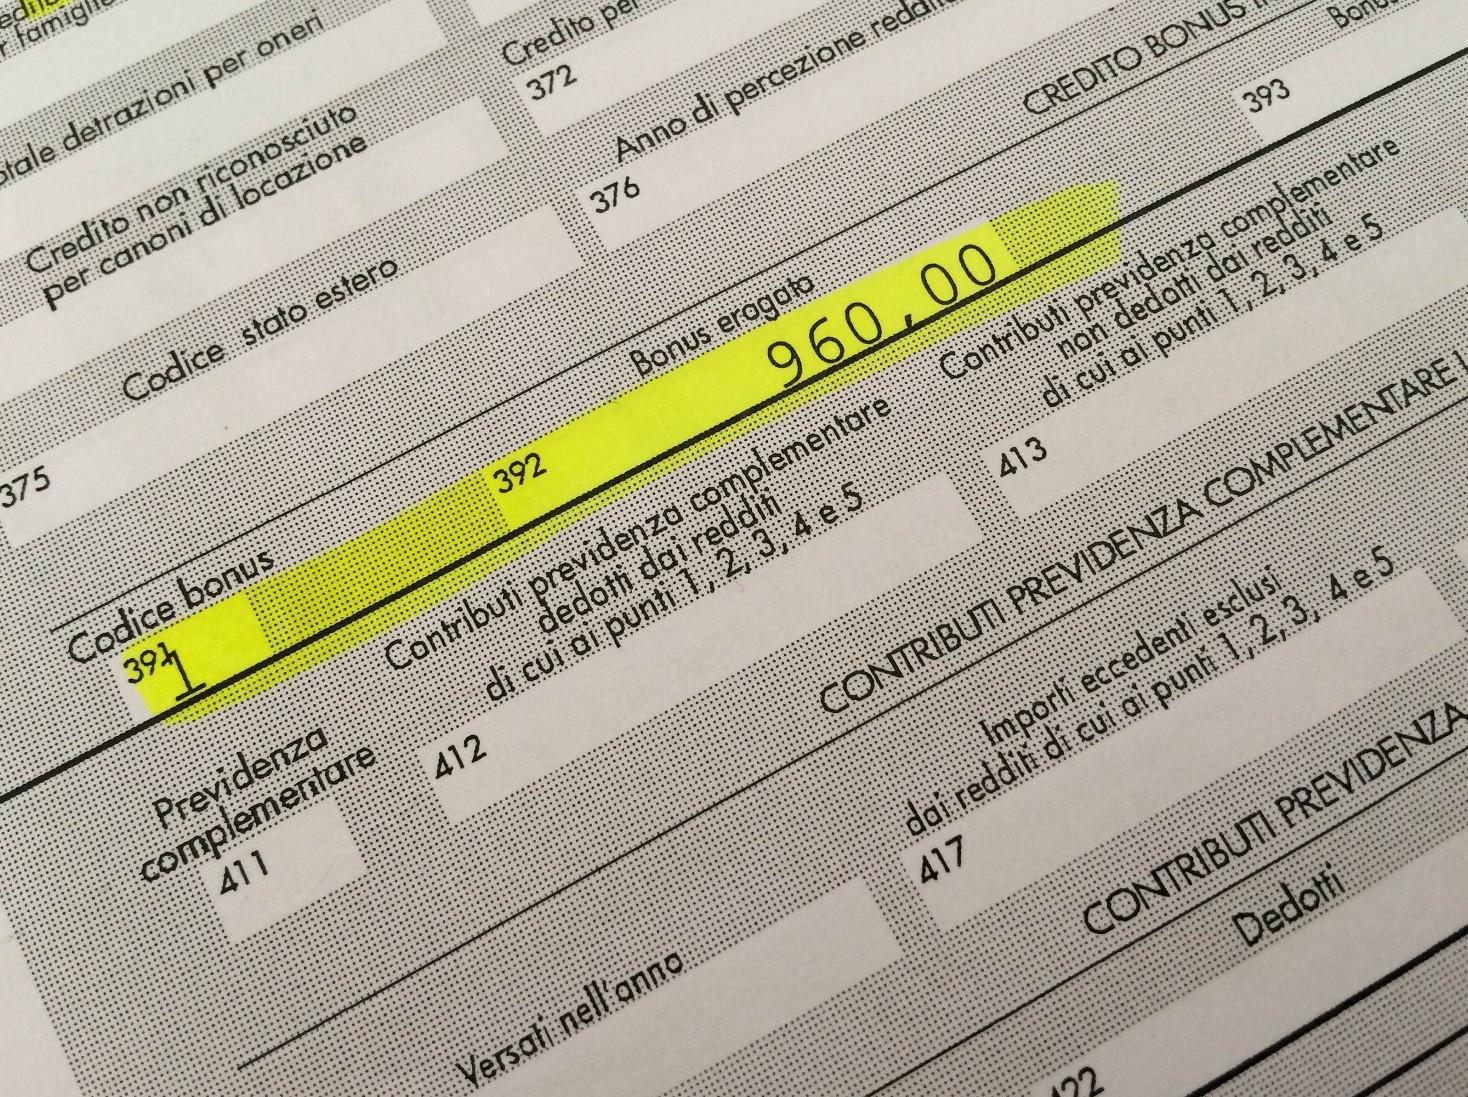 Reddito annuo lordo complessivo cud (CU)